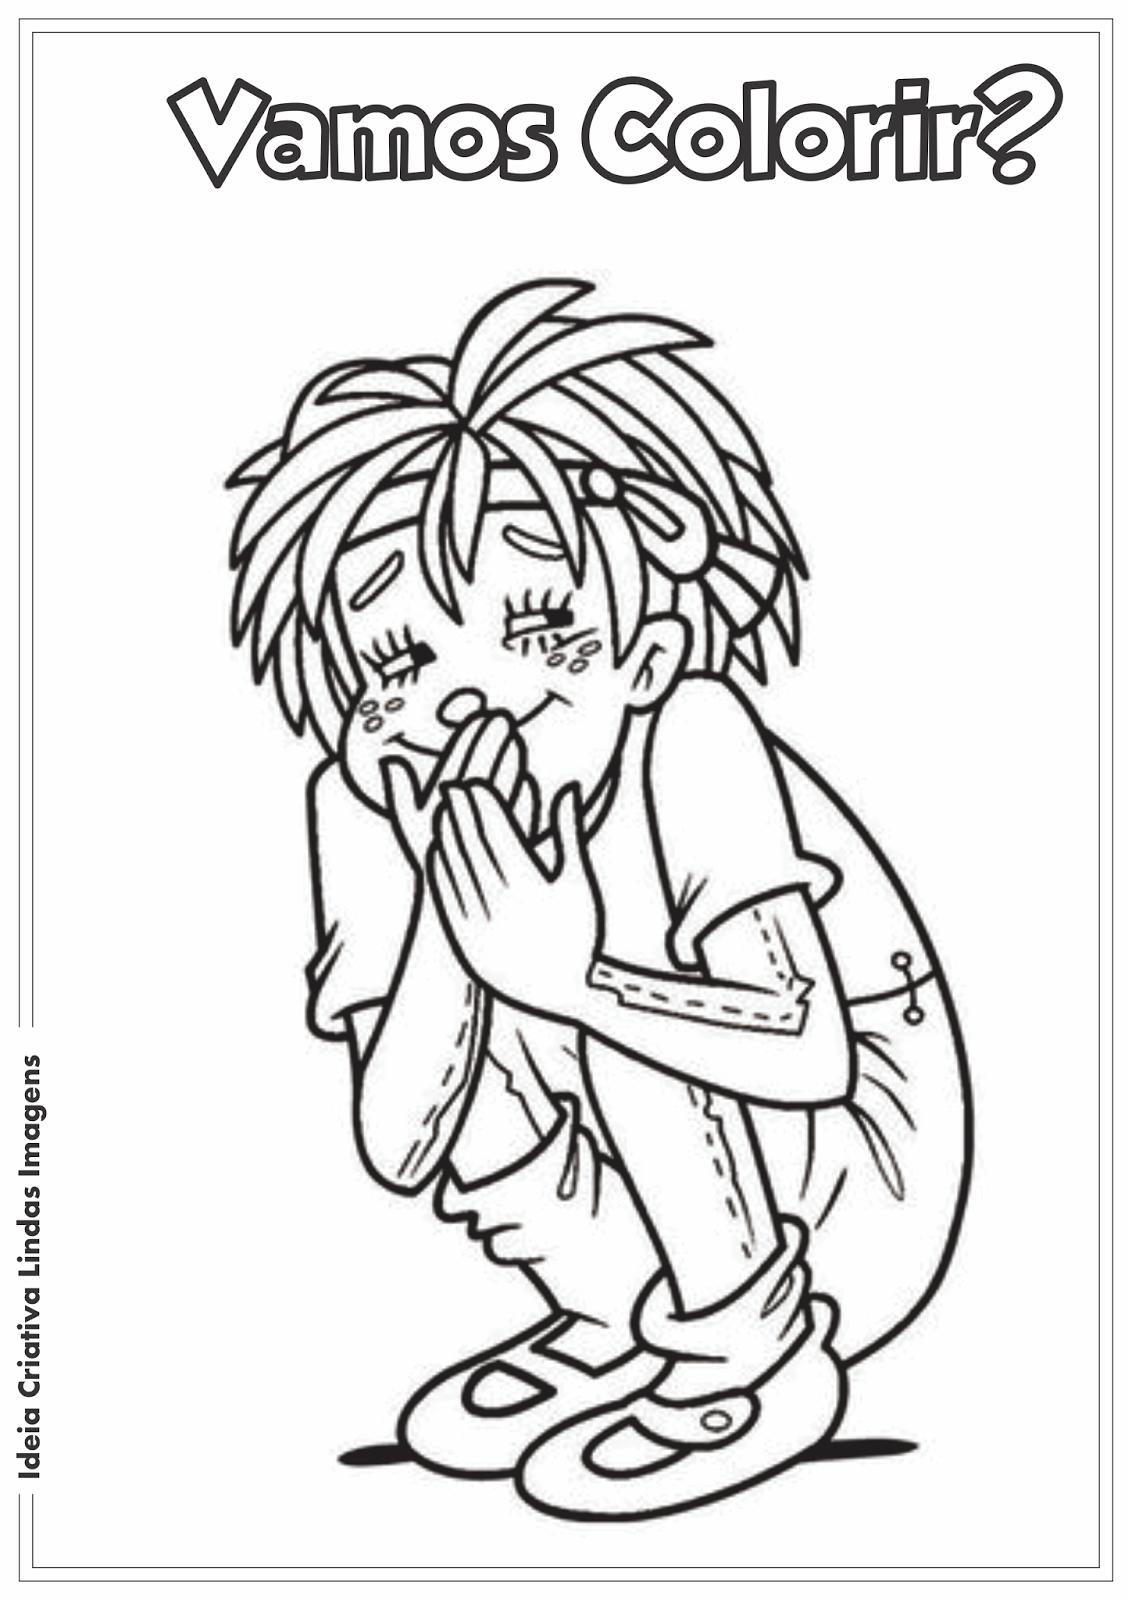 Dia de Monteiro Lobato - Sítio do Picapau Amarelo - Emília desenho para colorir